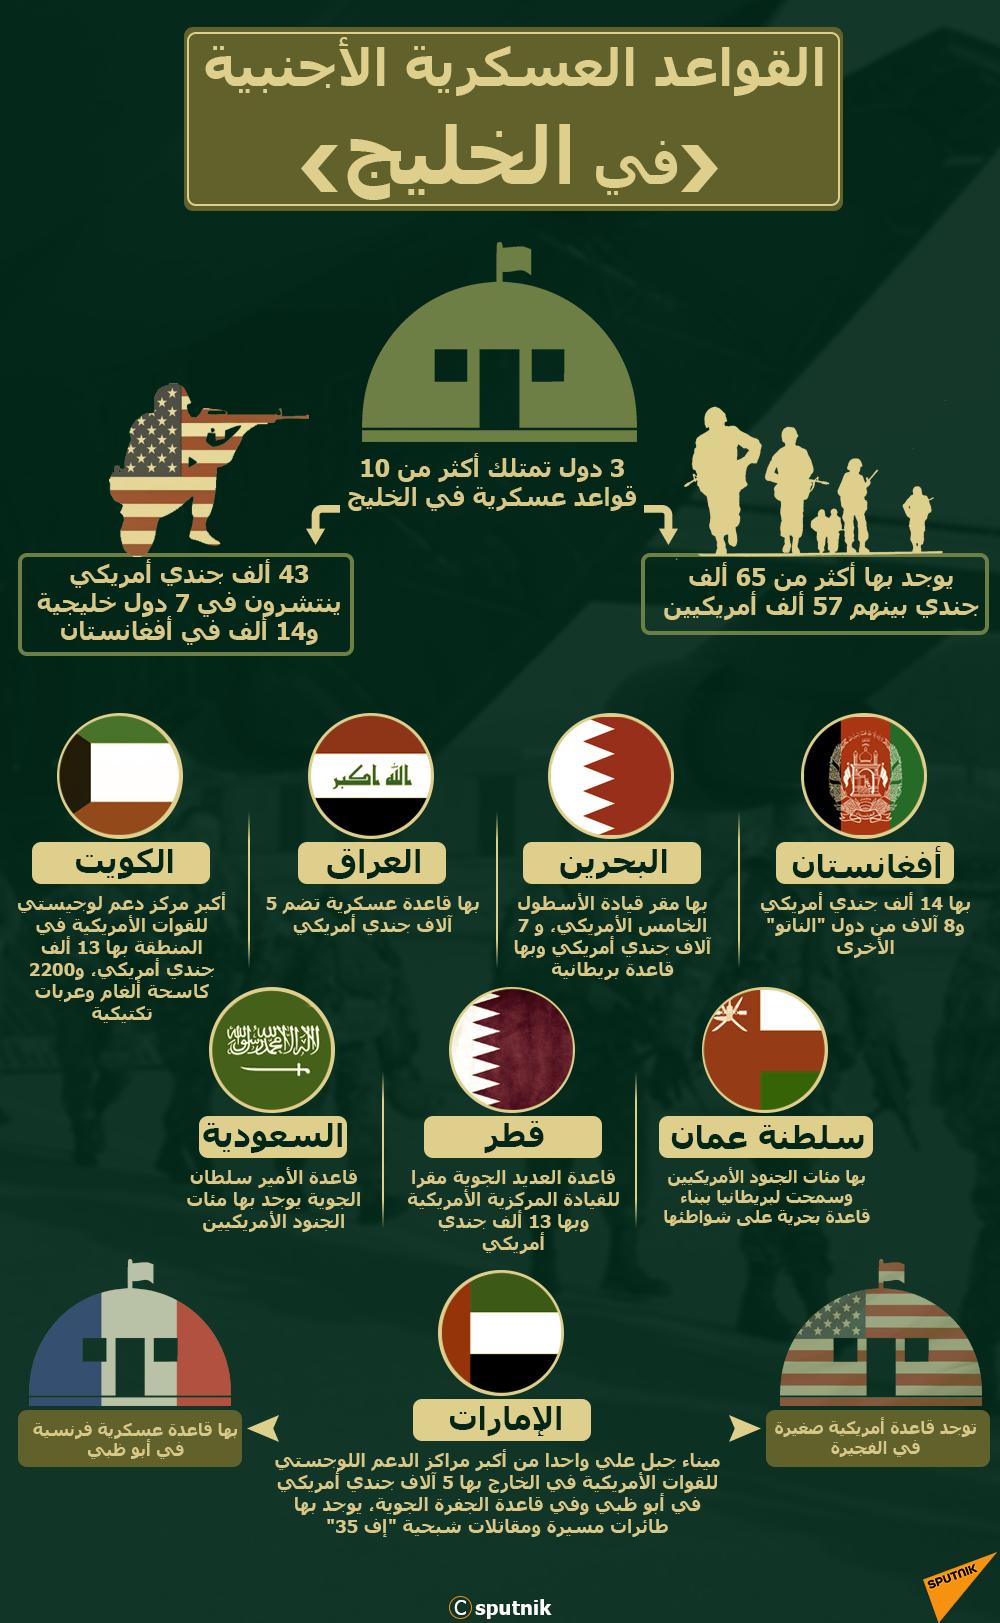 إنفوجرافيك - القواعد العسكرية الأجنبية في الخليج